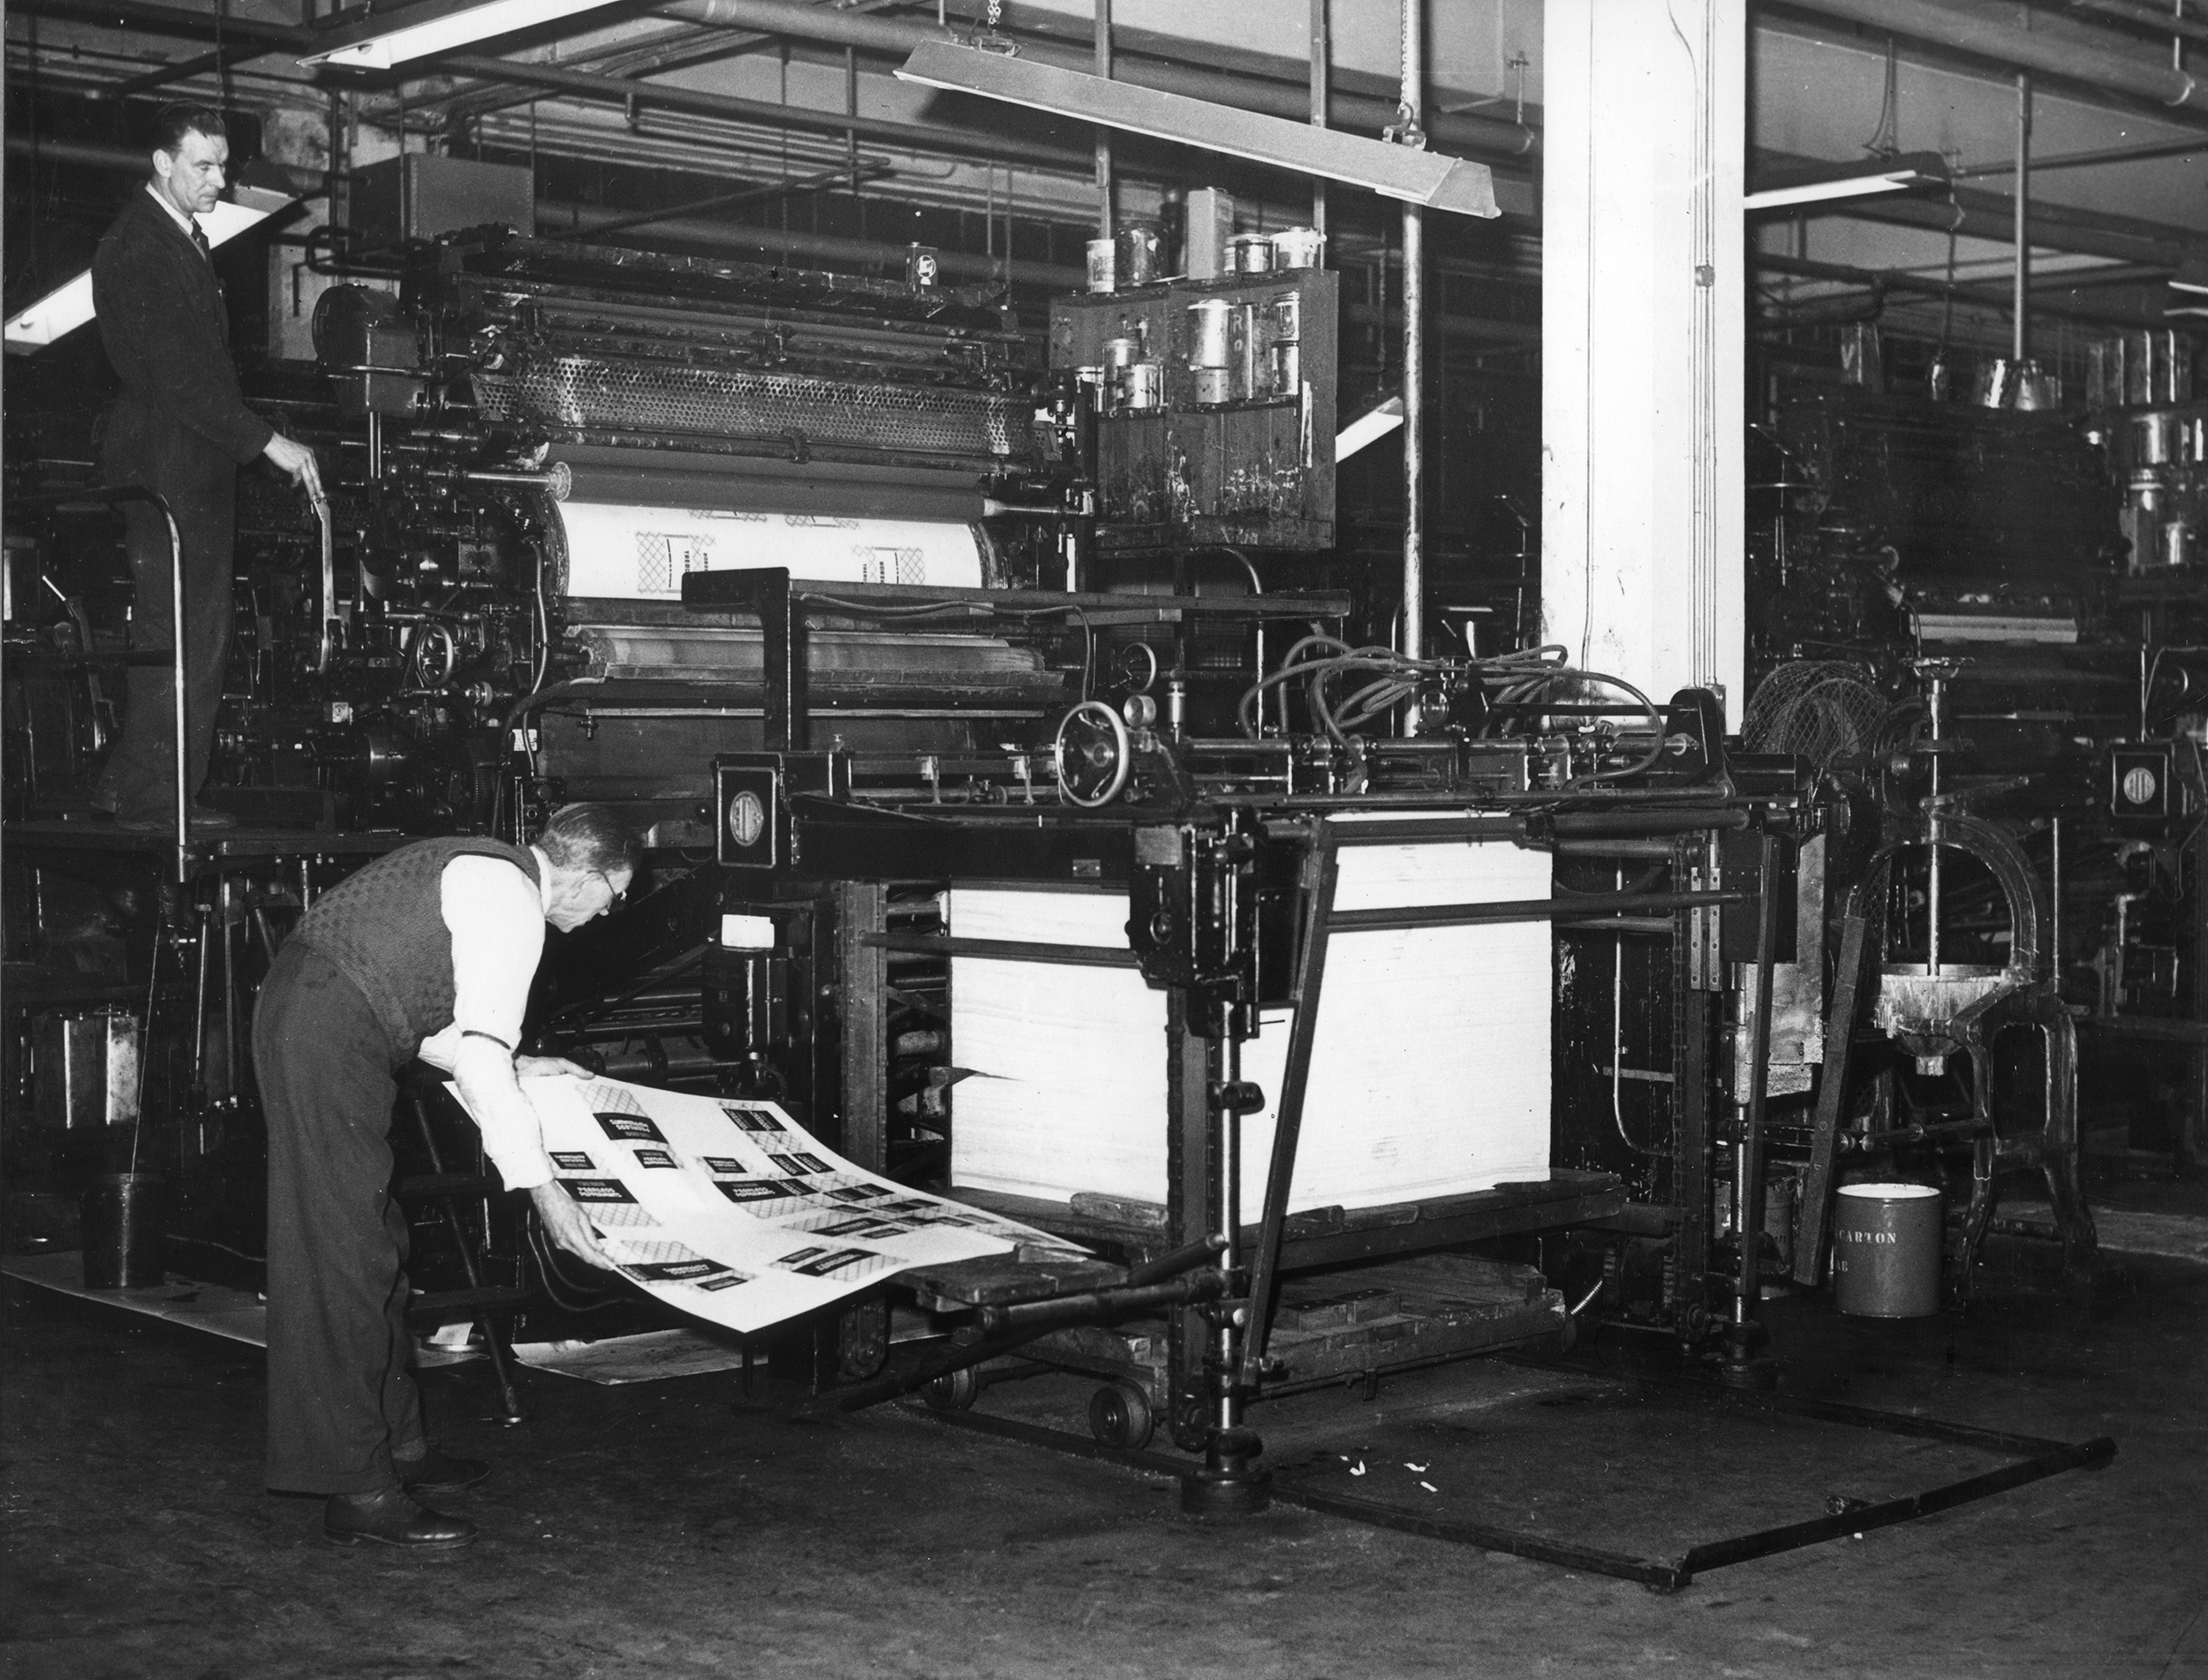 Two men at work on printing machine